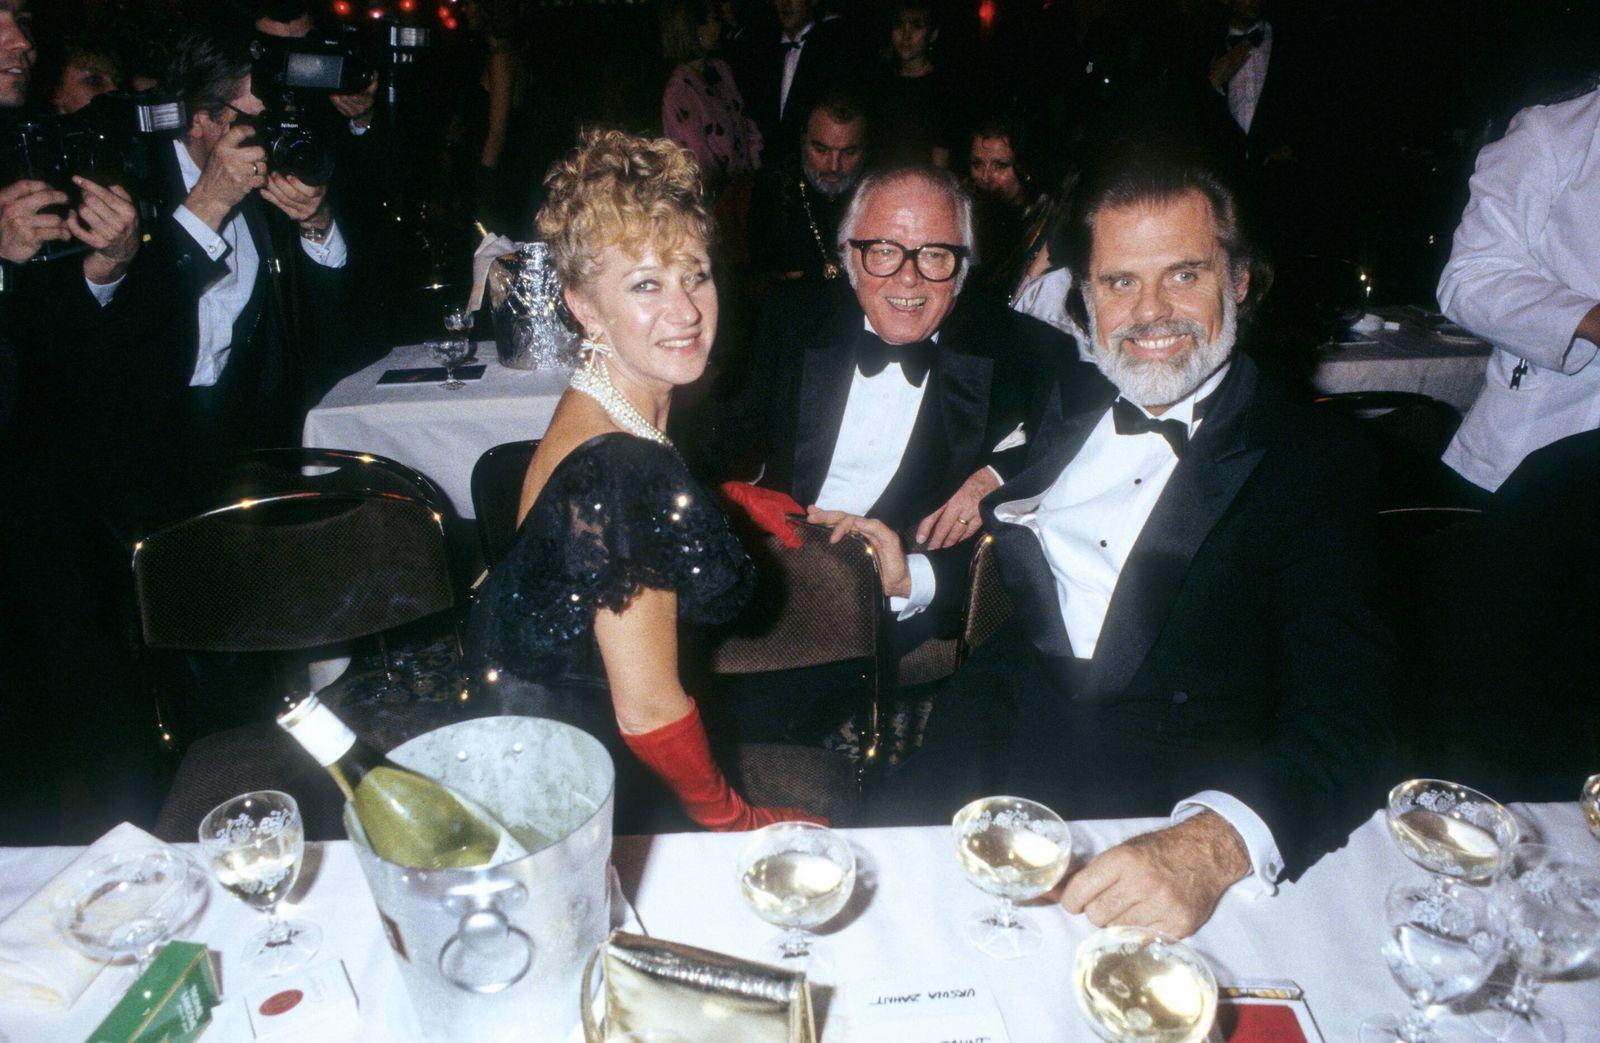 v.li.: Helen Mirren, Sir Richard Attenborough, Taylor Hackford 01/86 ru Helen Mirren, Sir Richard Attenborough und Regi